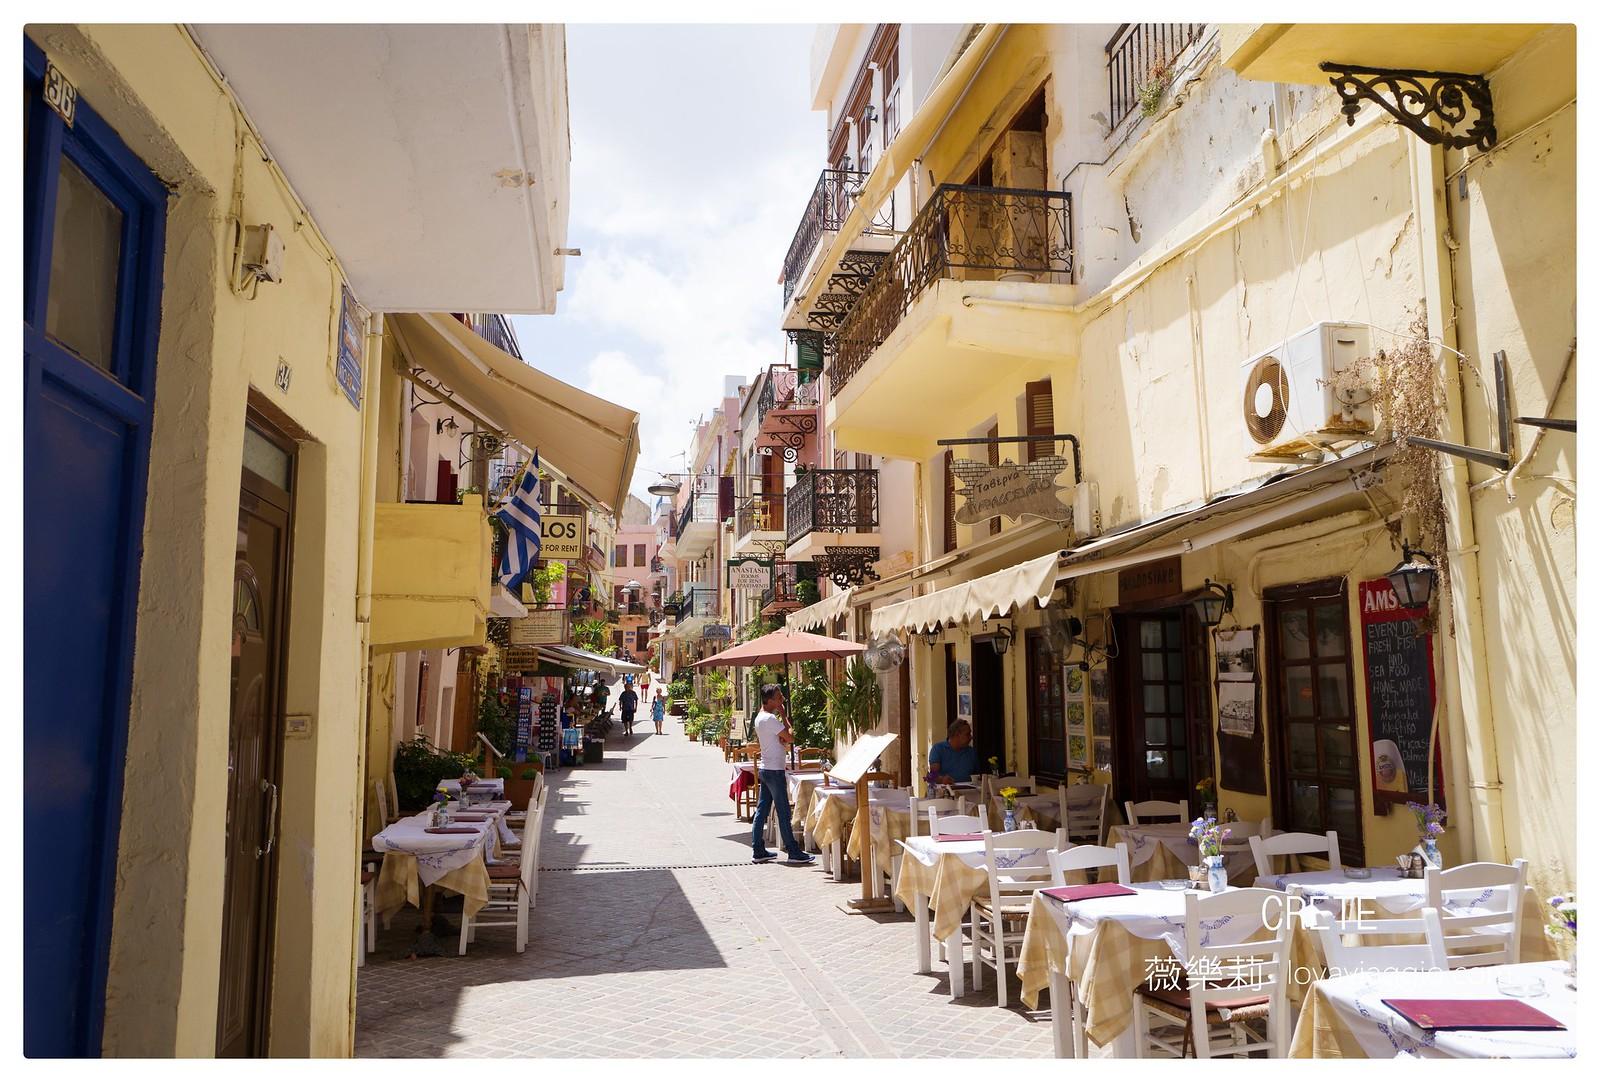 【希臘克里特島Crete】早晨的哈尼亞Chania舊城區 威尼斯與土耳其交織的美麗古城 @薇樂莉 Love Viaggio | 旅行.生活.攝影